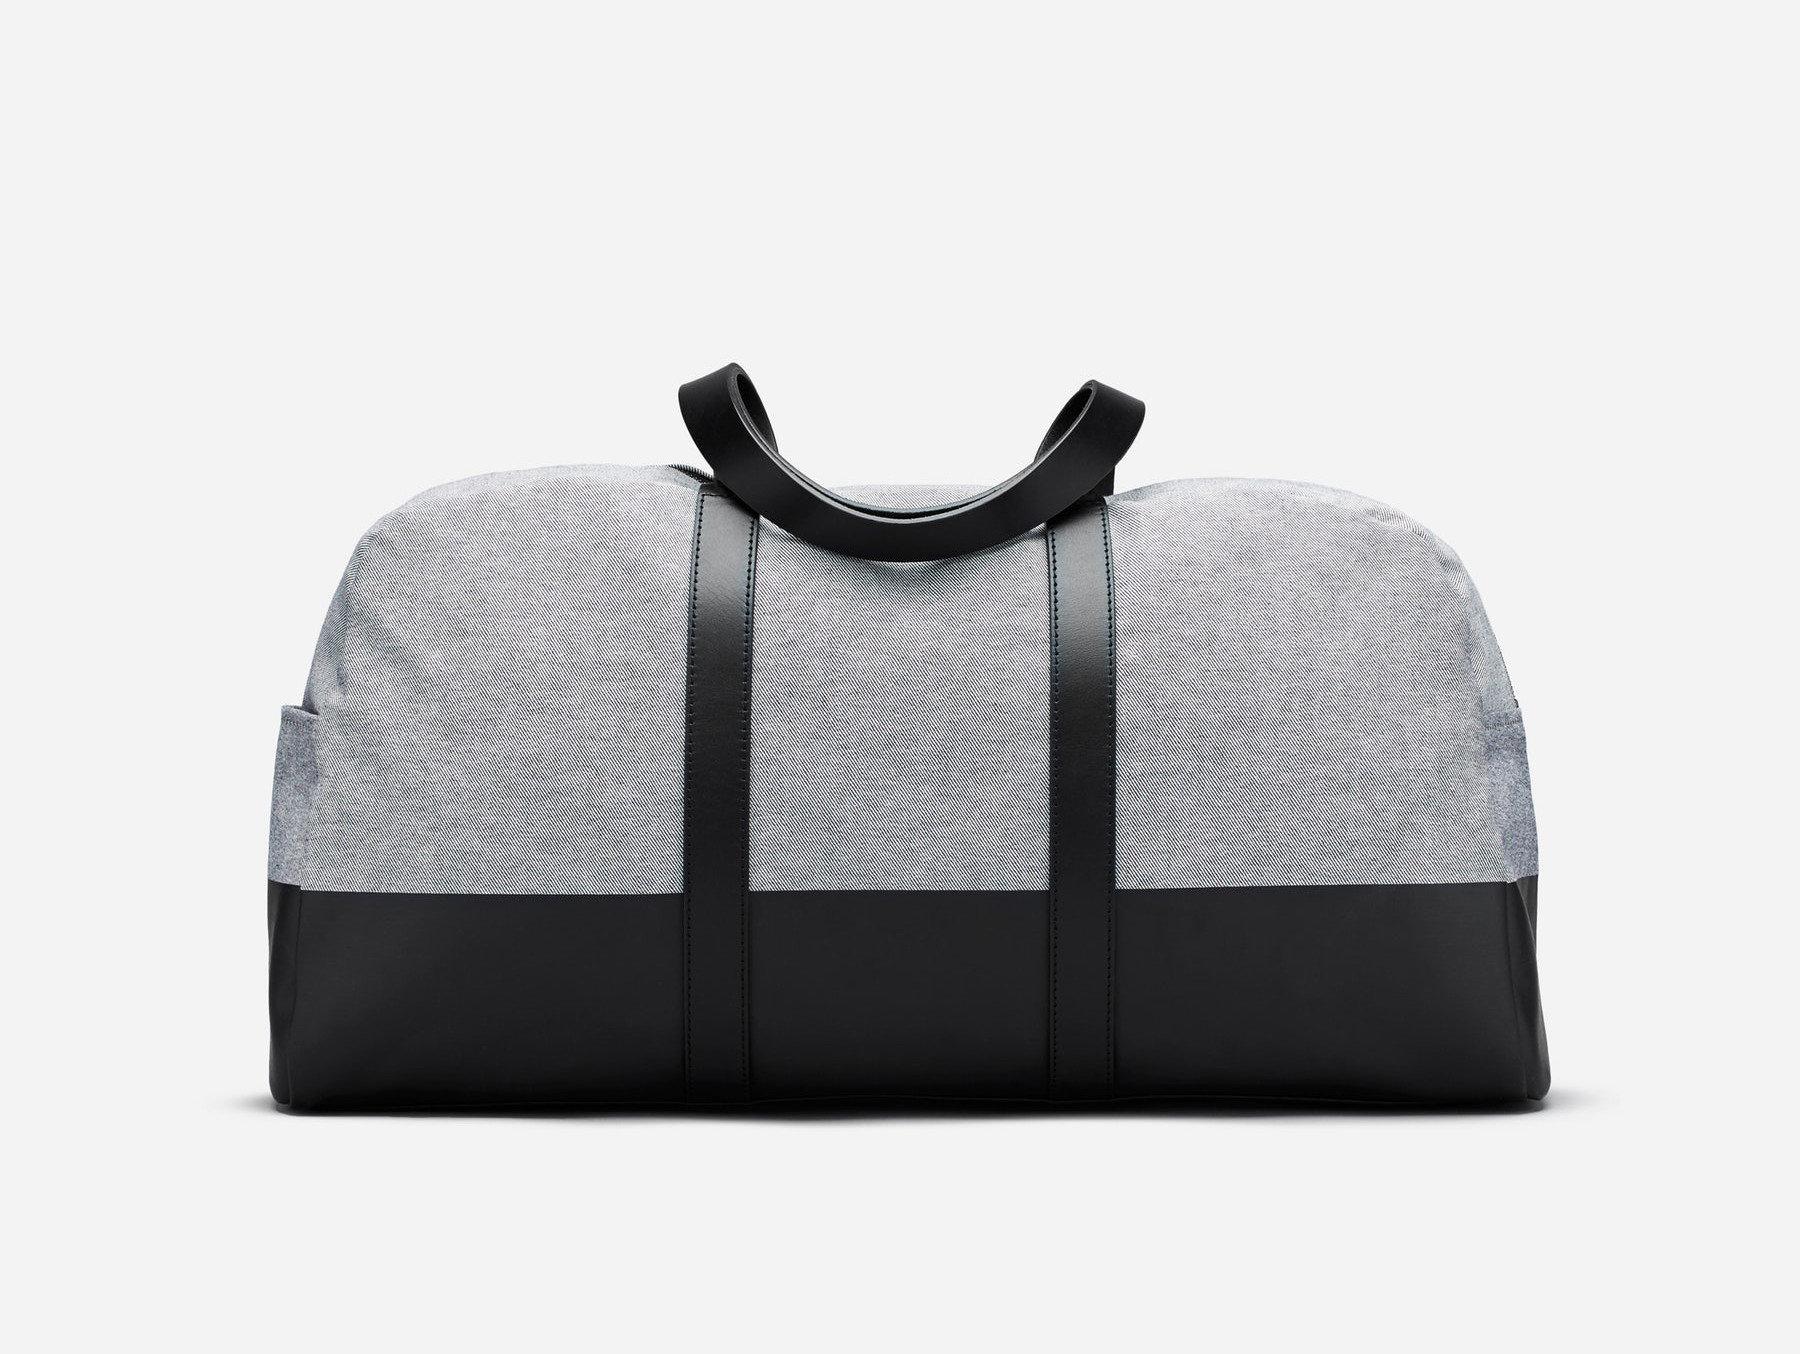 Style + Design Travel Shop bag white black product handbag product design brand shoulder bag